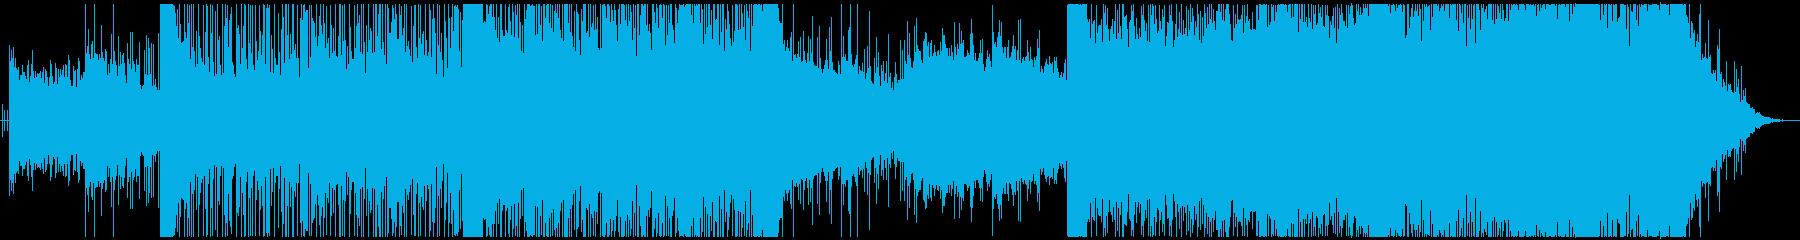 アジアン調、緊迫感のあるBGMの再生済みの波形